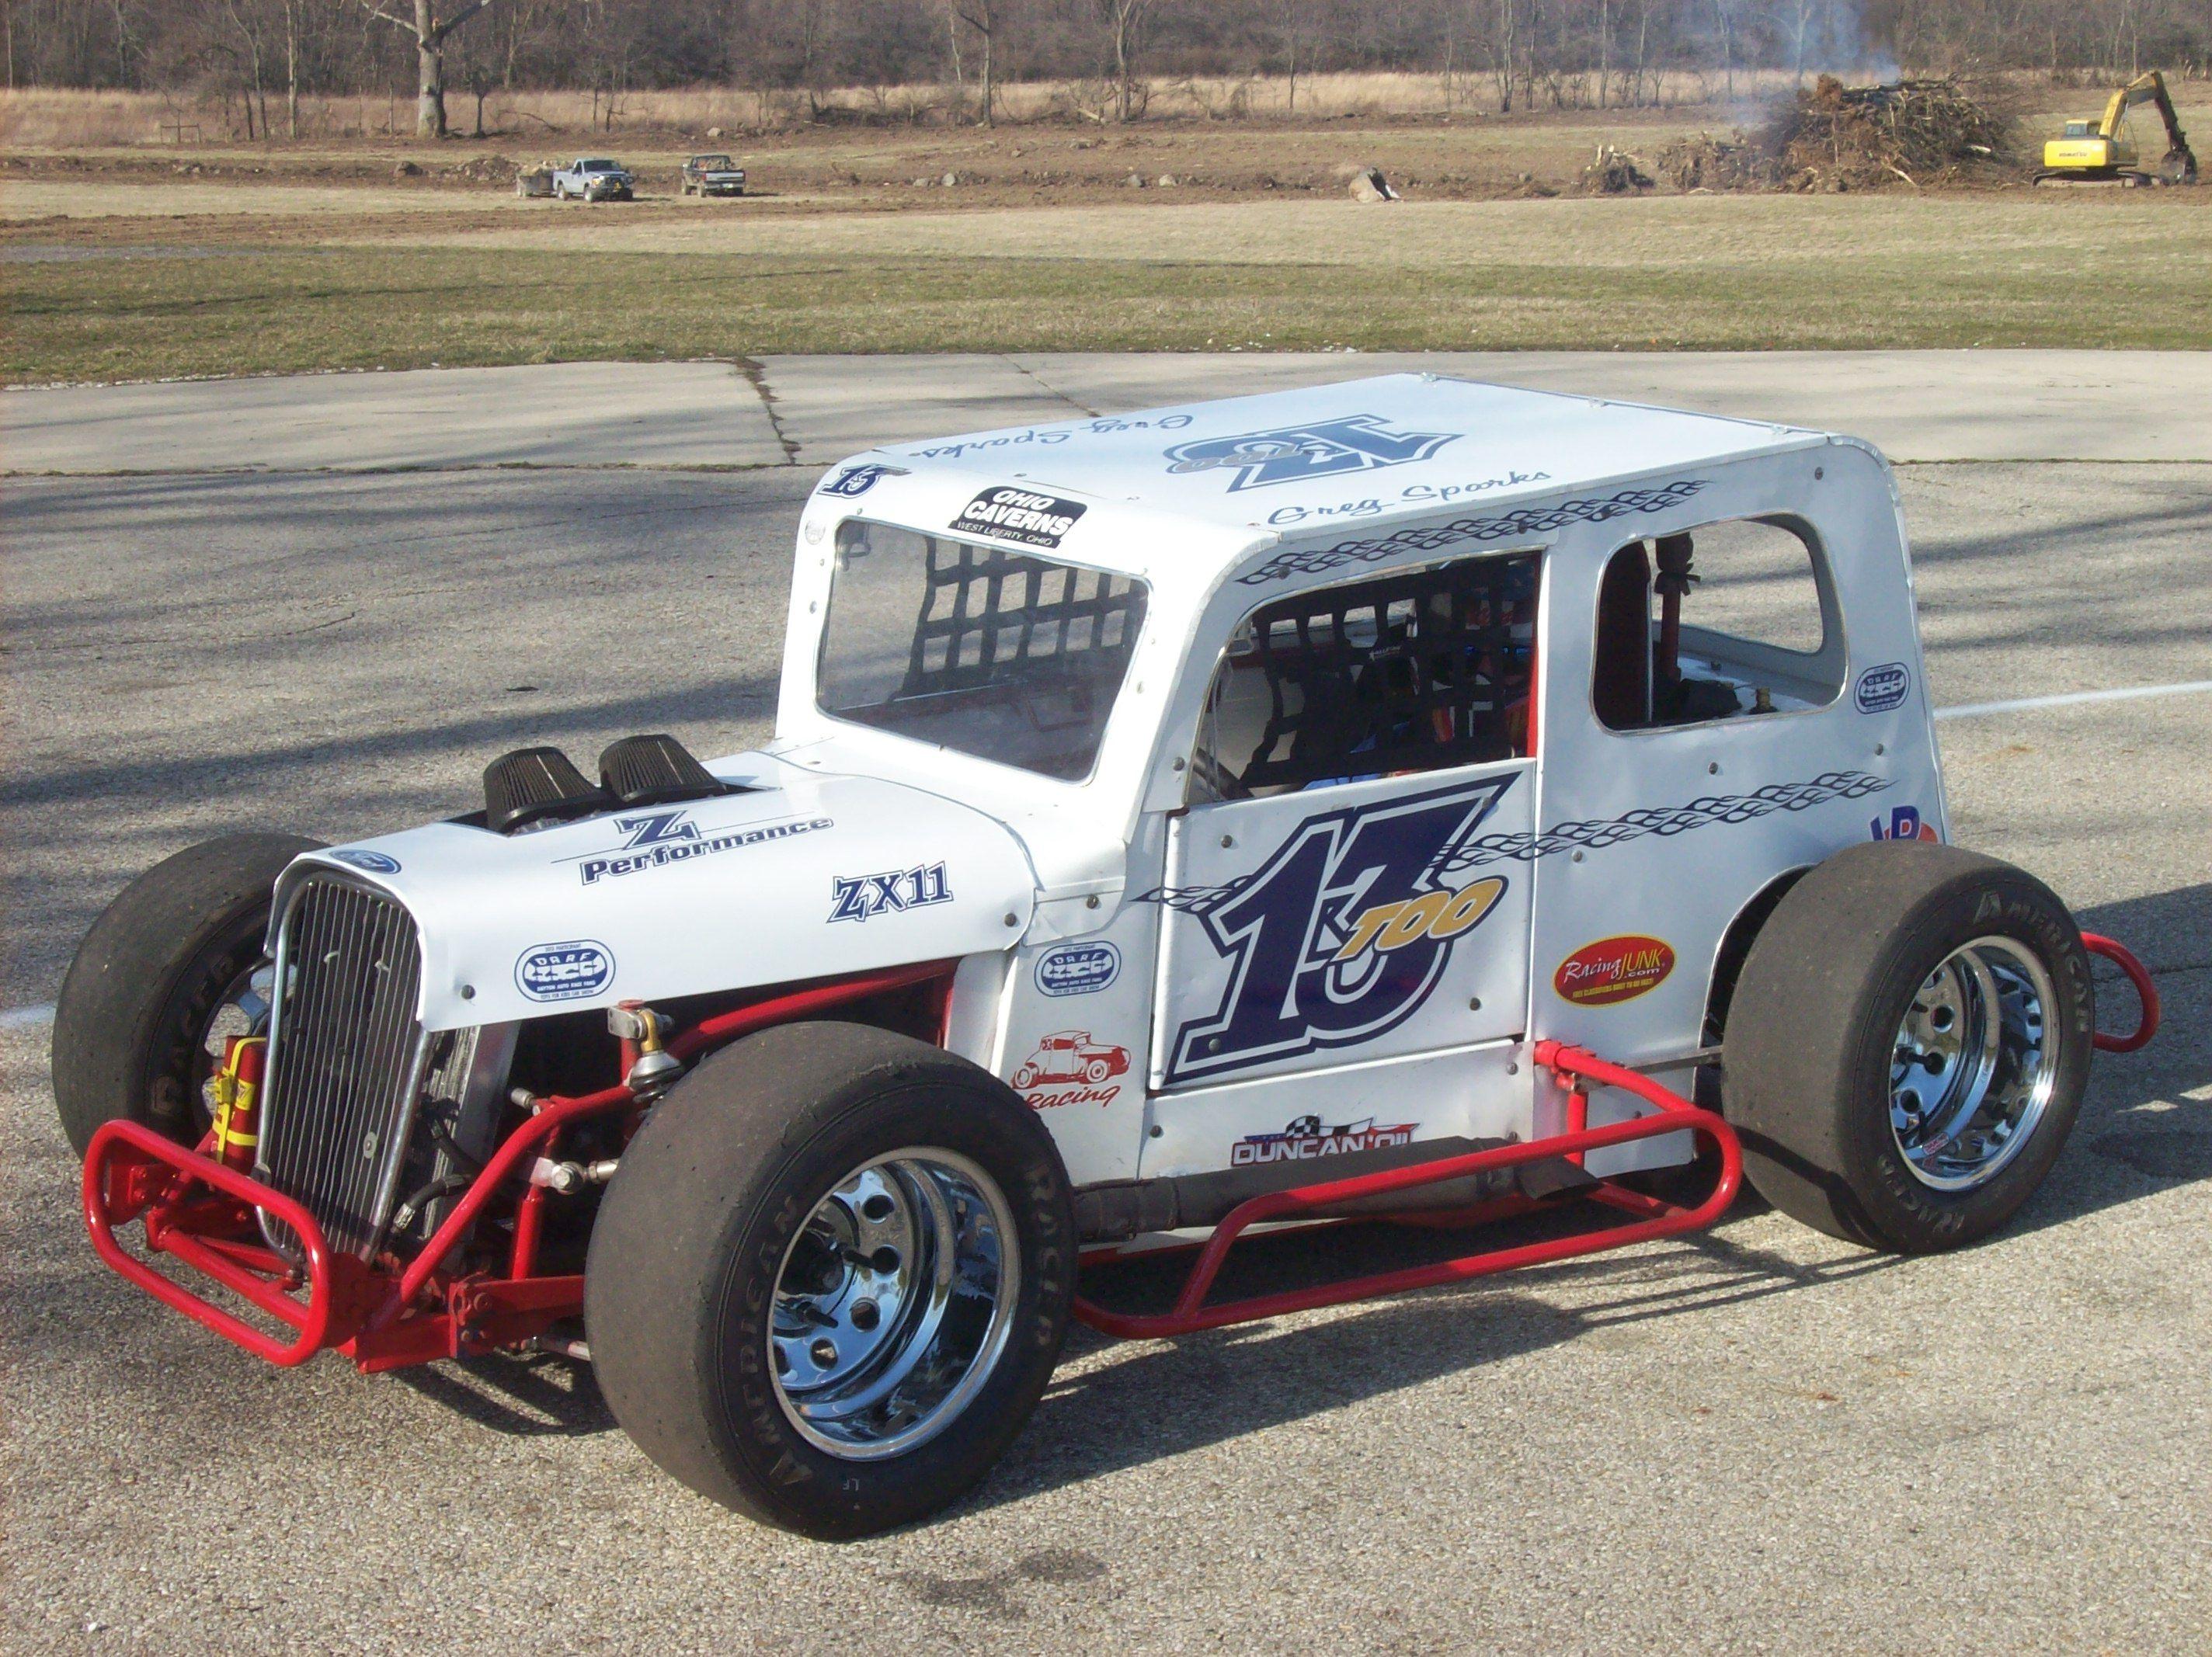 Legend car body for sale - Greg Sparks Dwarf Car Sponsored By Easchaeffer Oil Co An Independent Amsoil Dealer